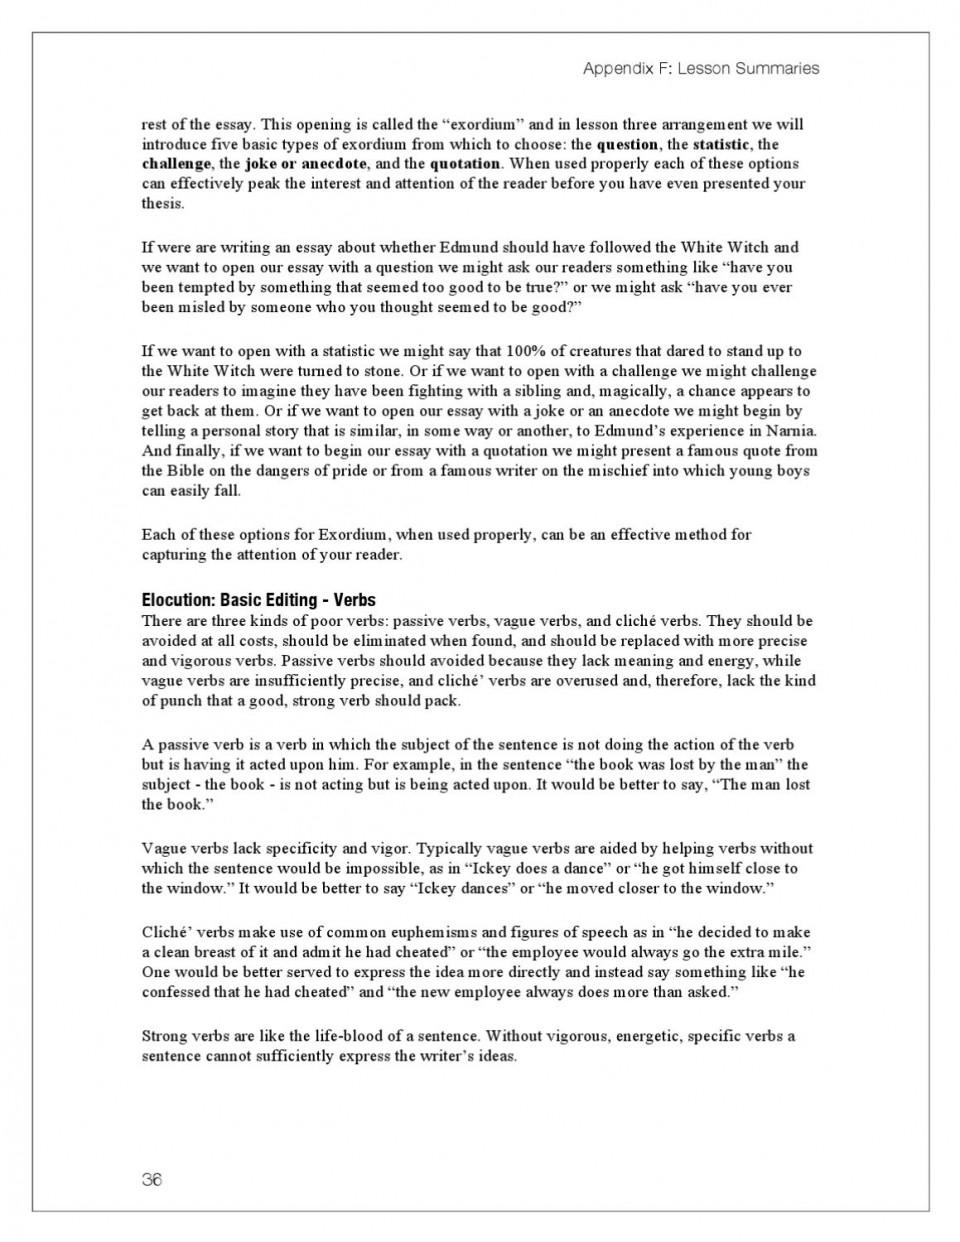 Organization essay writing